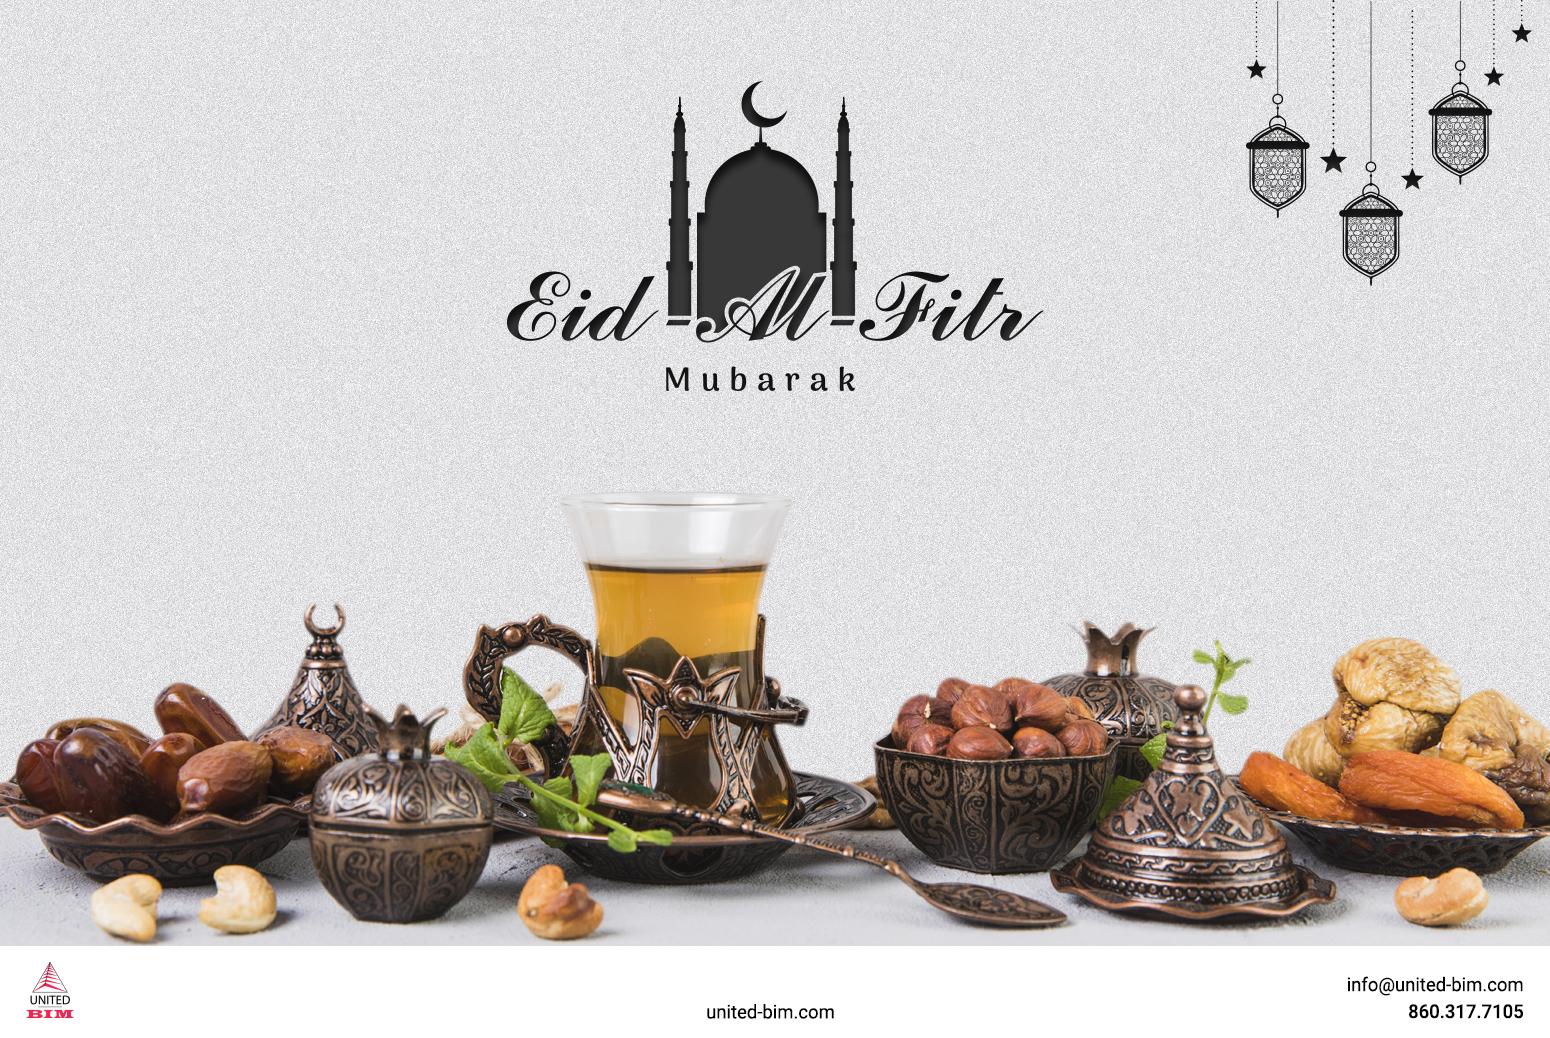 Happy Eid-Al-Fitr 2021 by United-BIM